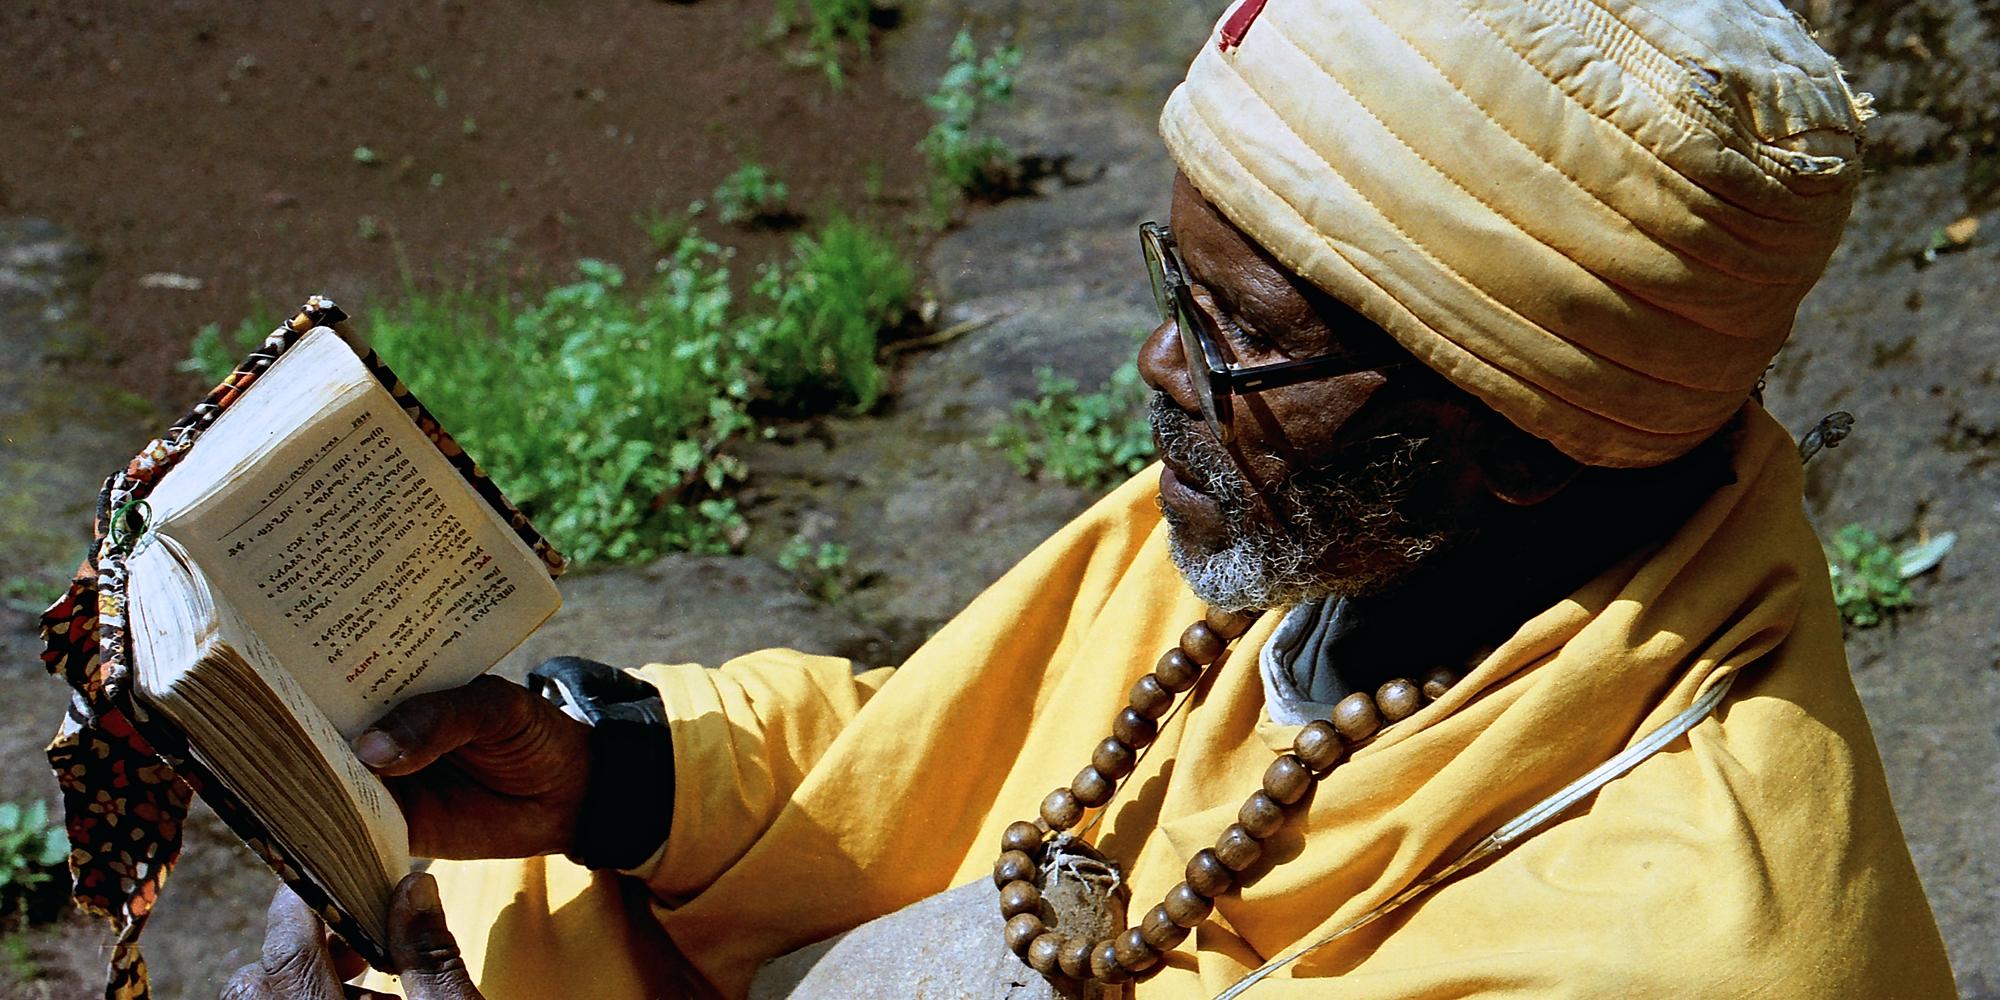 Etiopská Lalibela: kostely zapuštěné vzemi asvatí muži vrůžových dekách